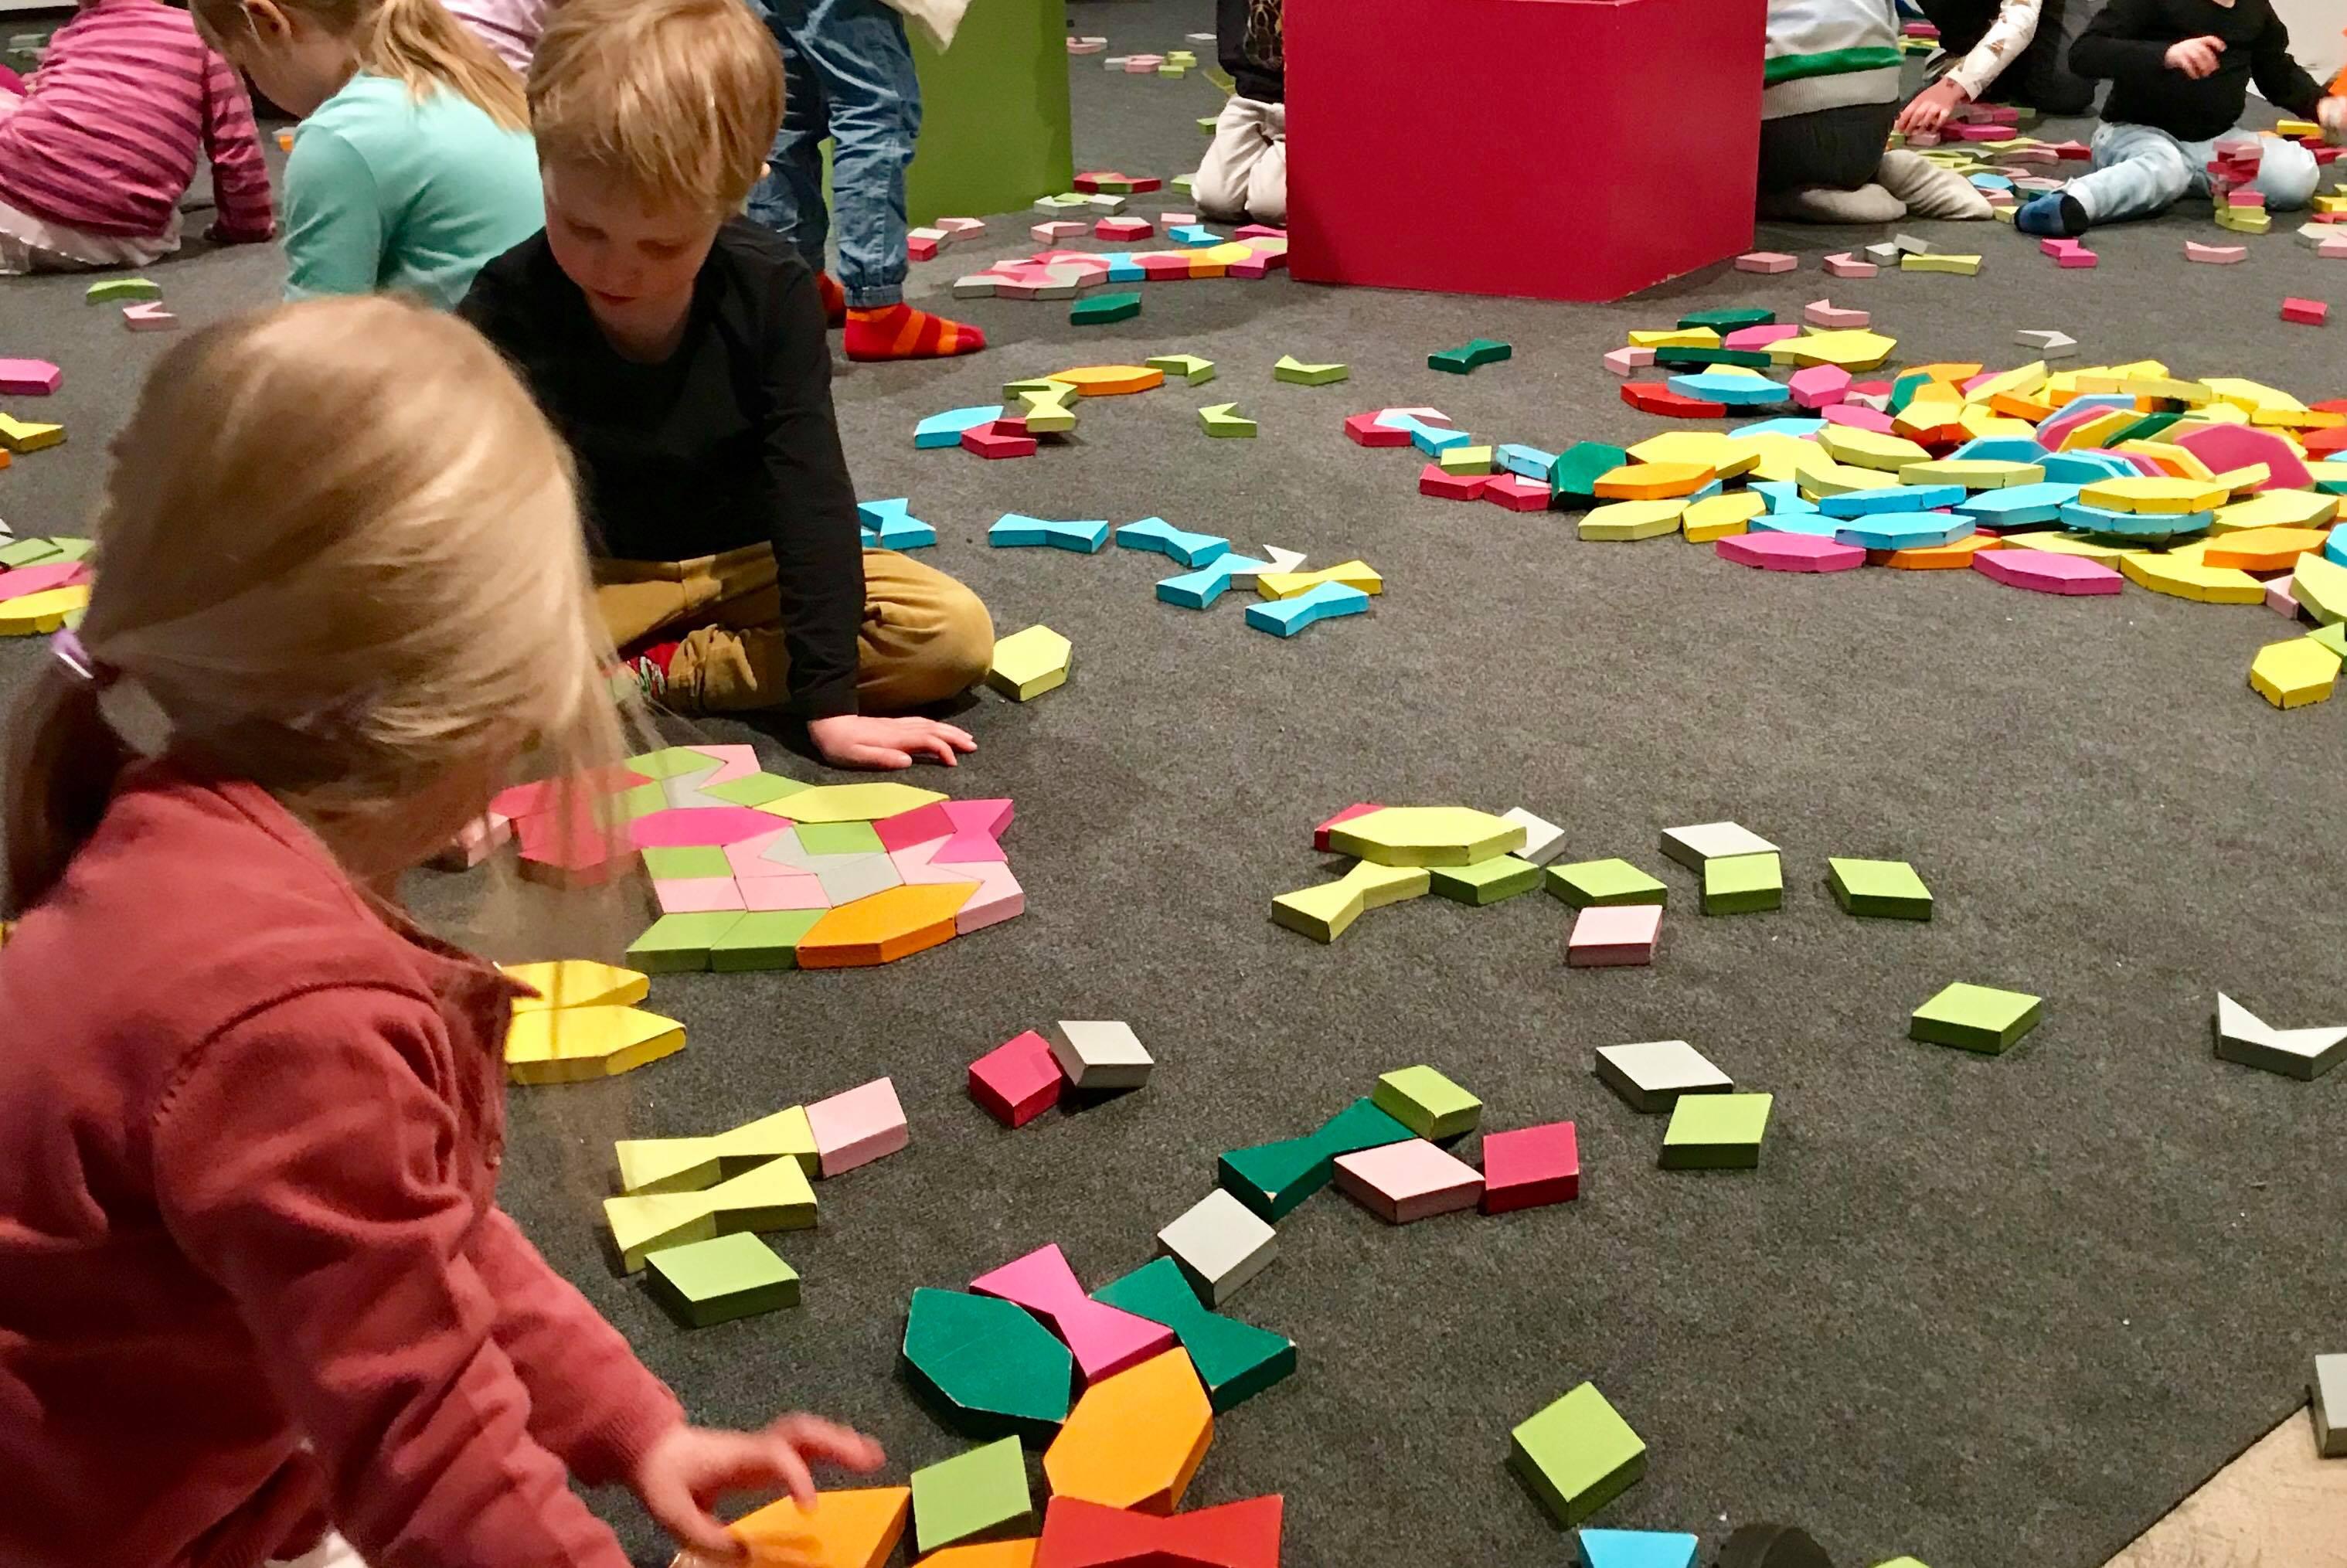 Helsingin kaupunginmuseossa pääsee leikkimään ja rakentelemaanKari Delcosin Leikkiä laatoilla teoksella Helsinki-päivänä.